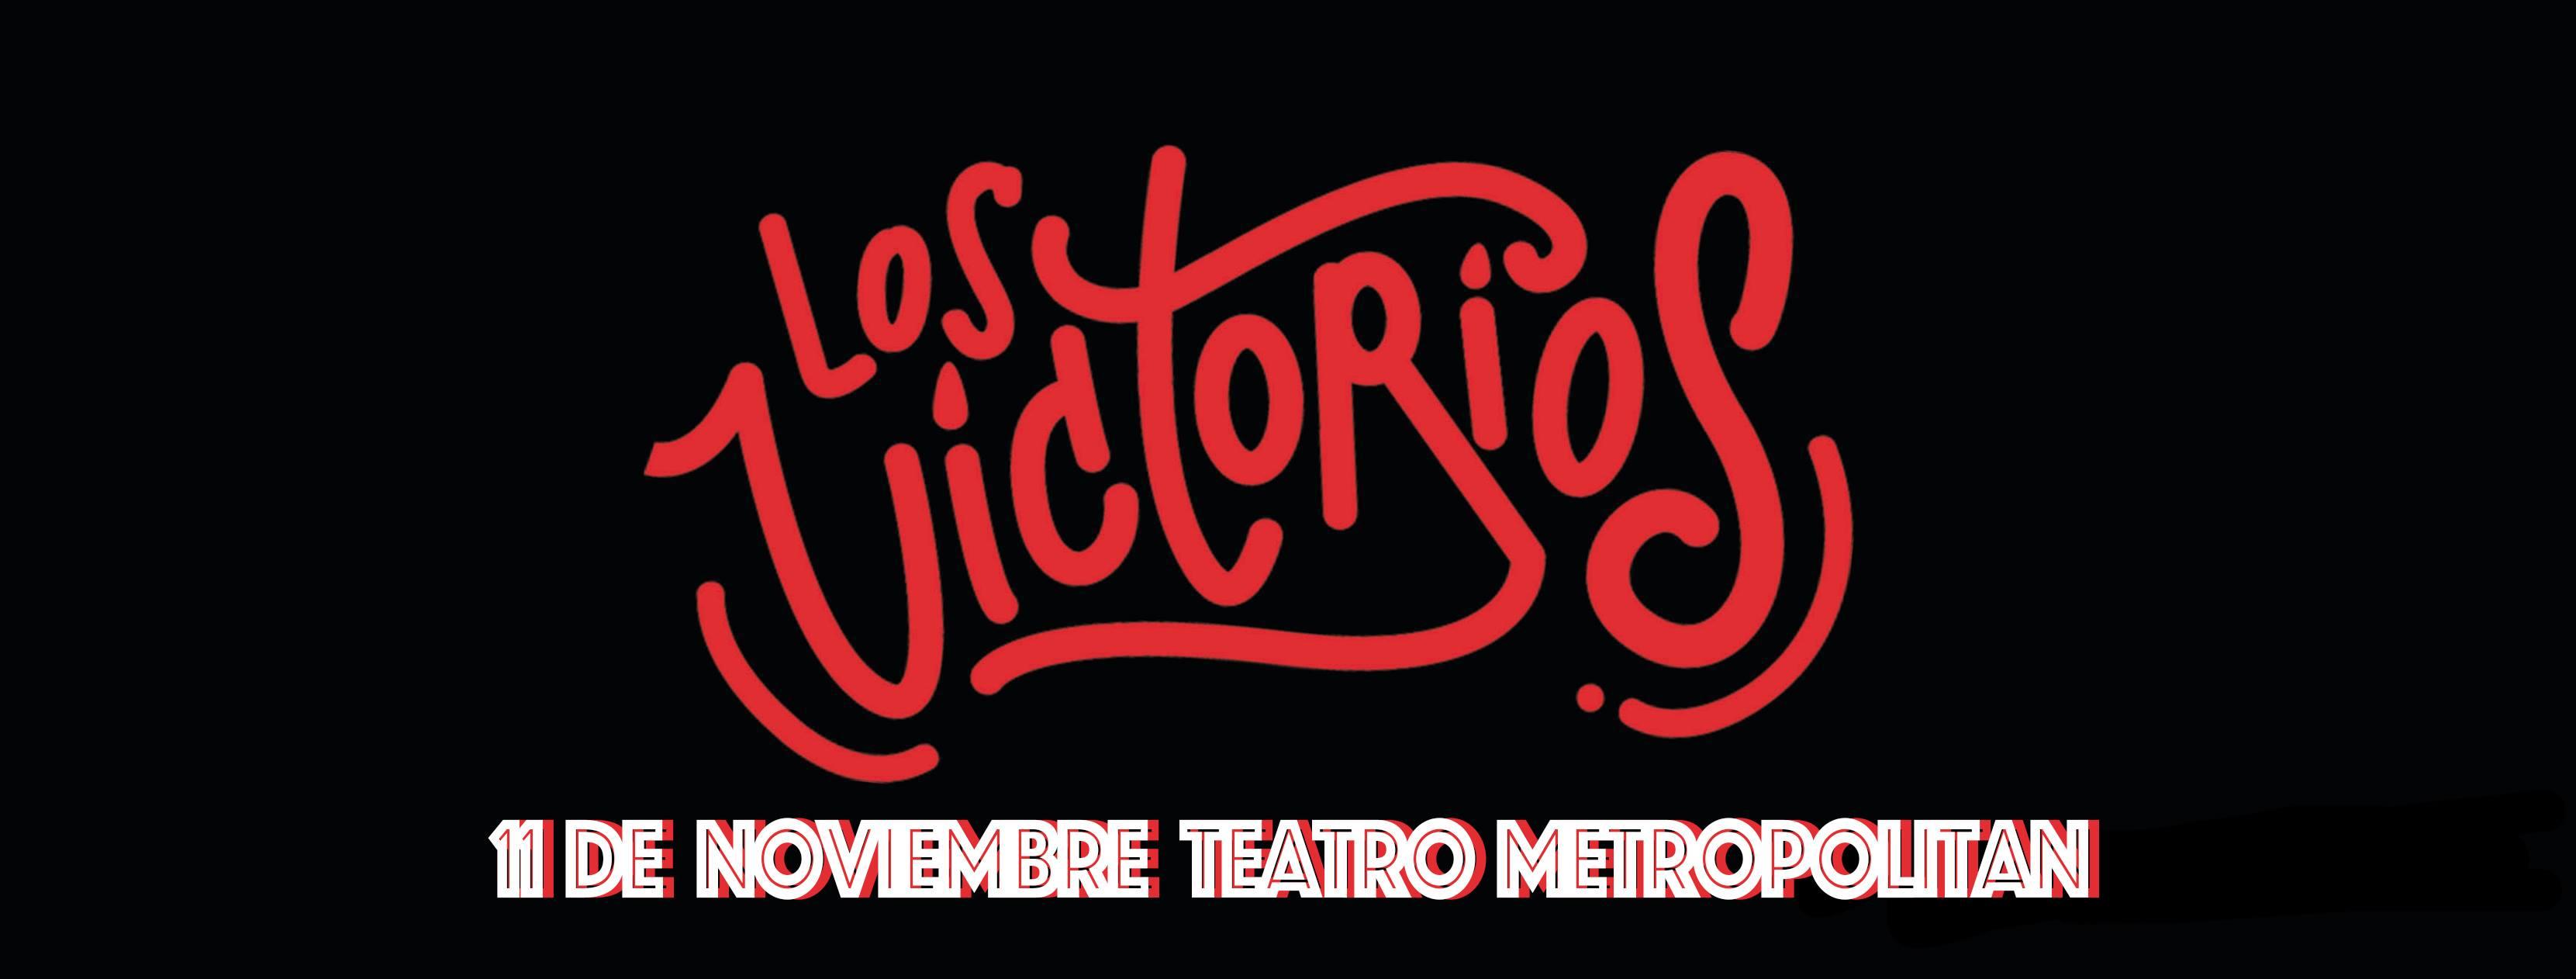 Los Victorios en el Teatro Metropolitan 2017